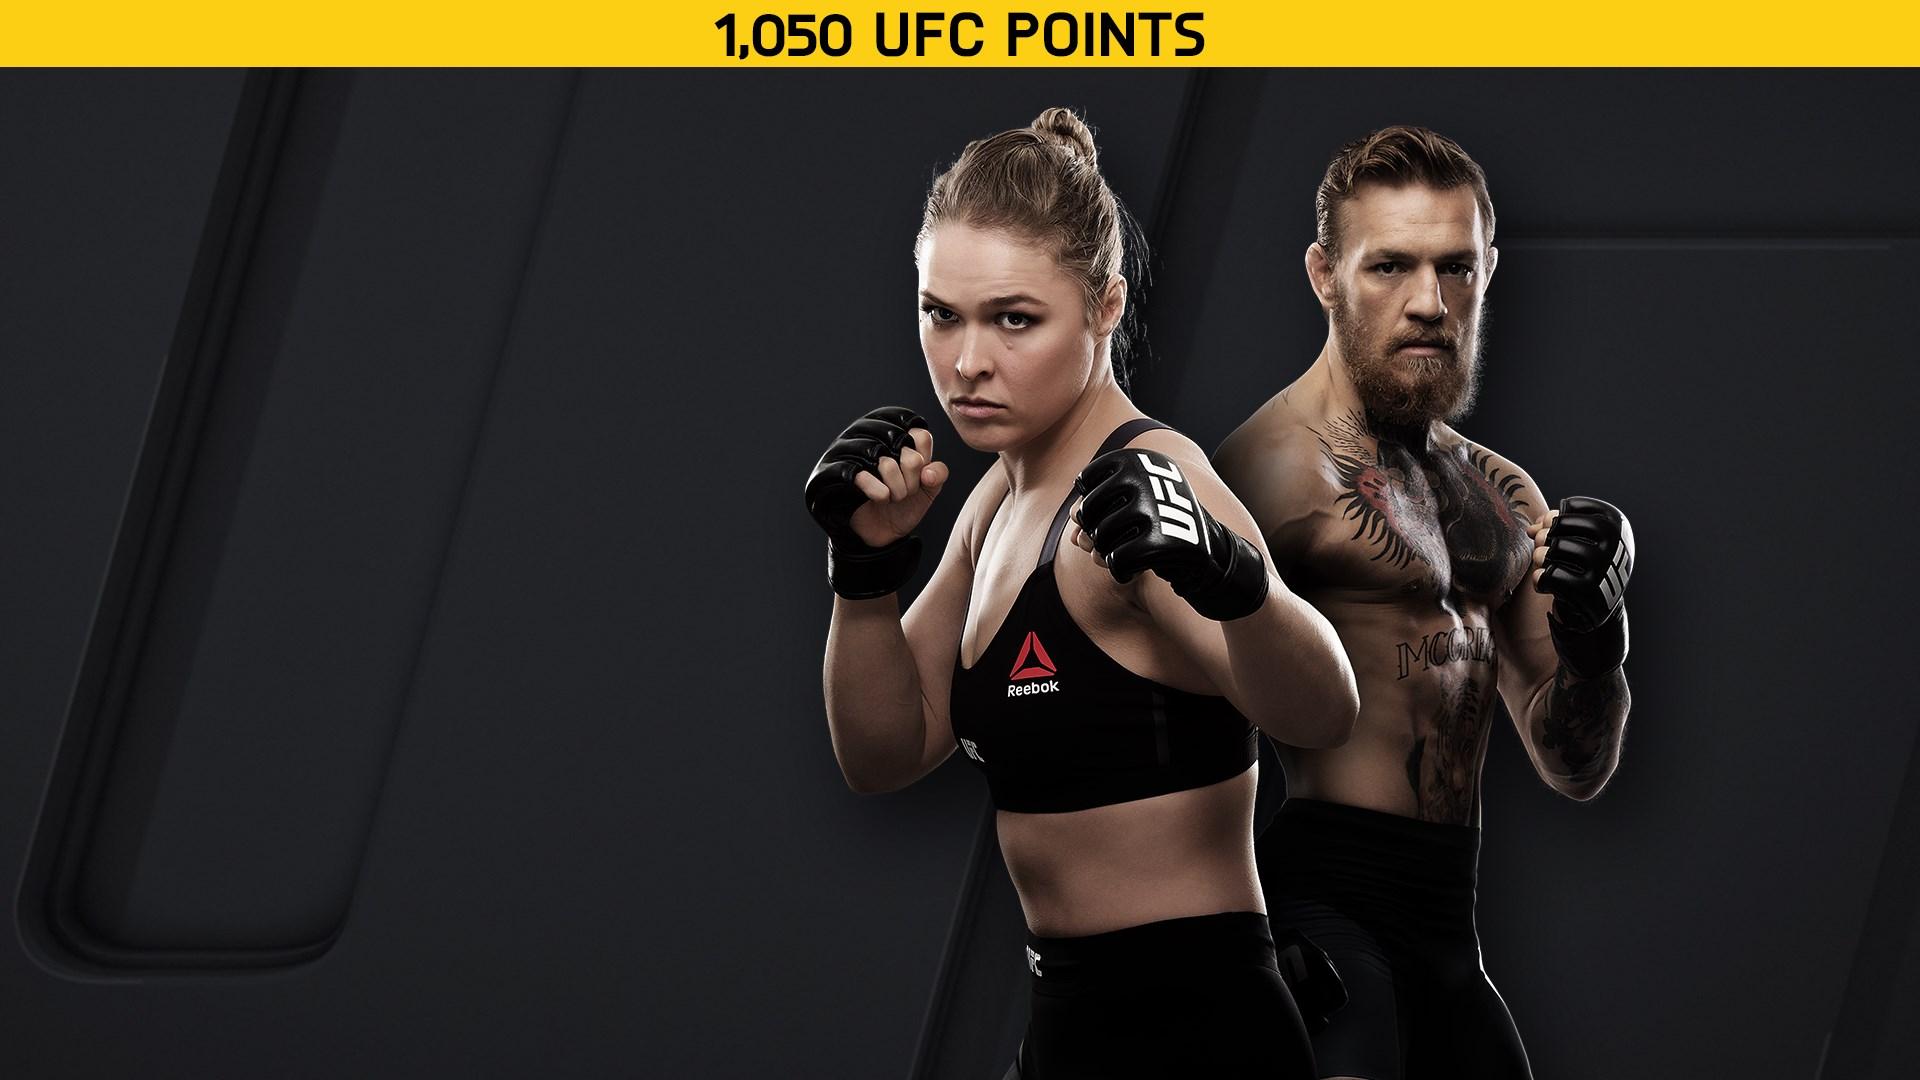 EA SPORTS™ UFC® 2 - 1050 UFC POINTS